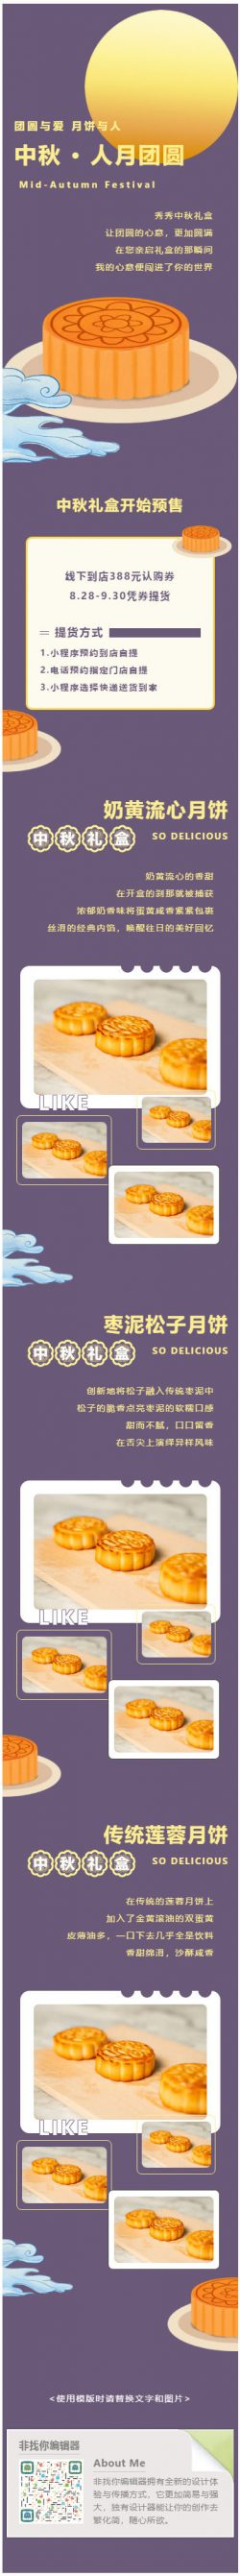 2020中秋节 • 人月团圆月饼礼盒电商微商公众号推文素材模板